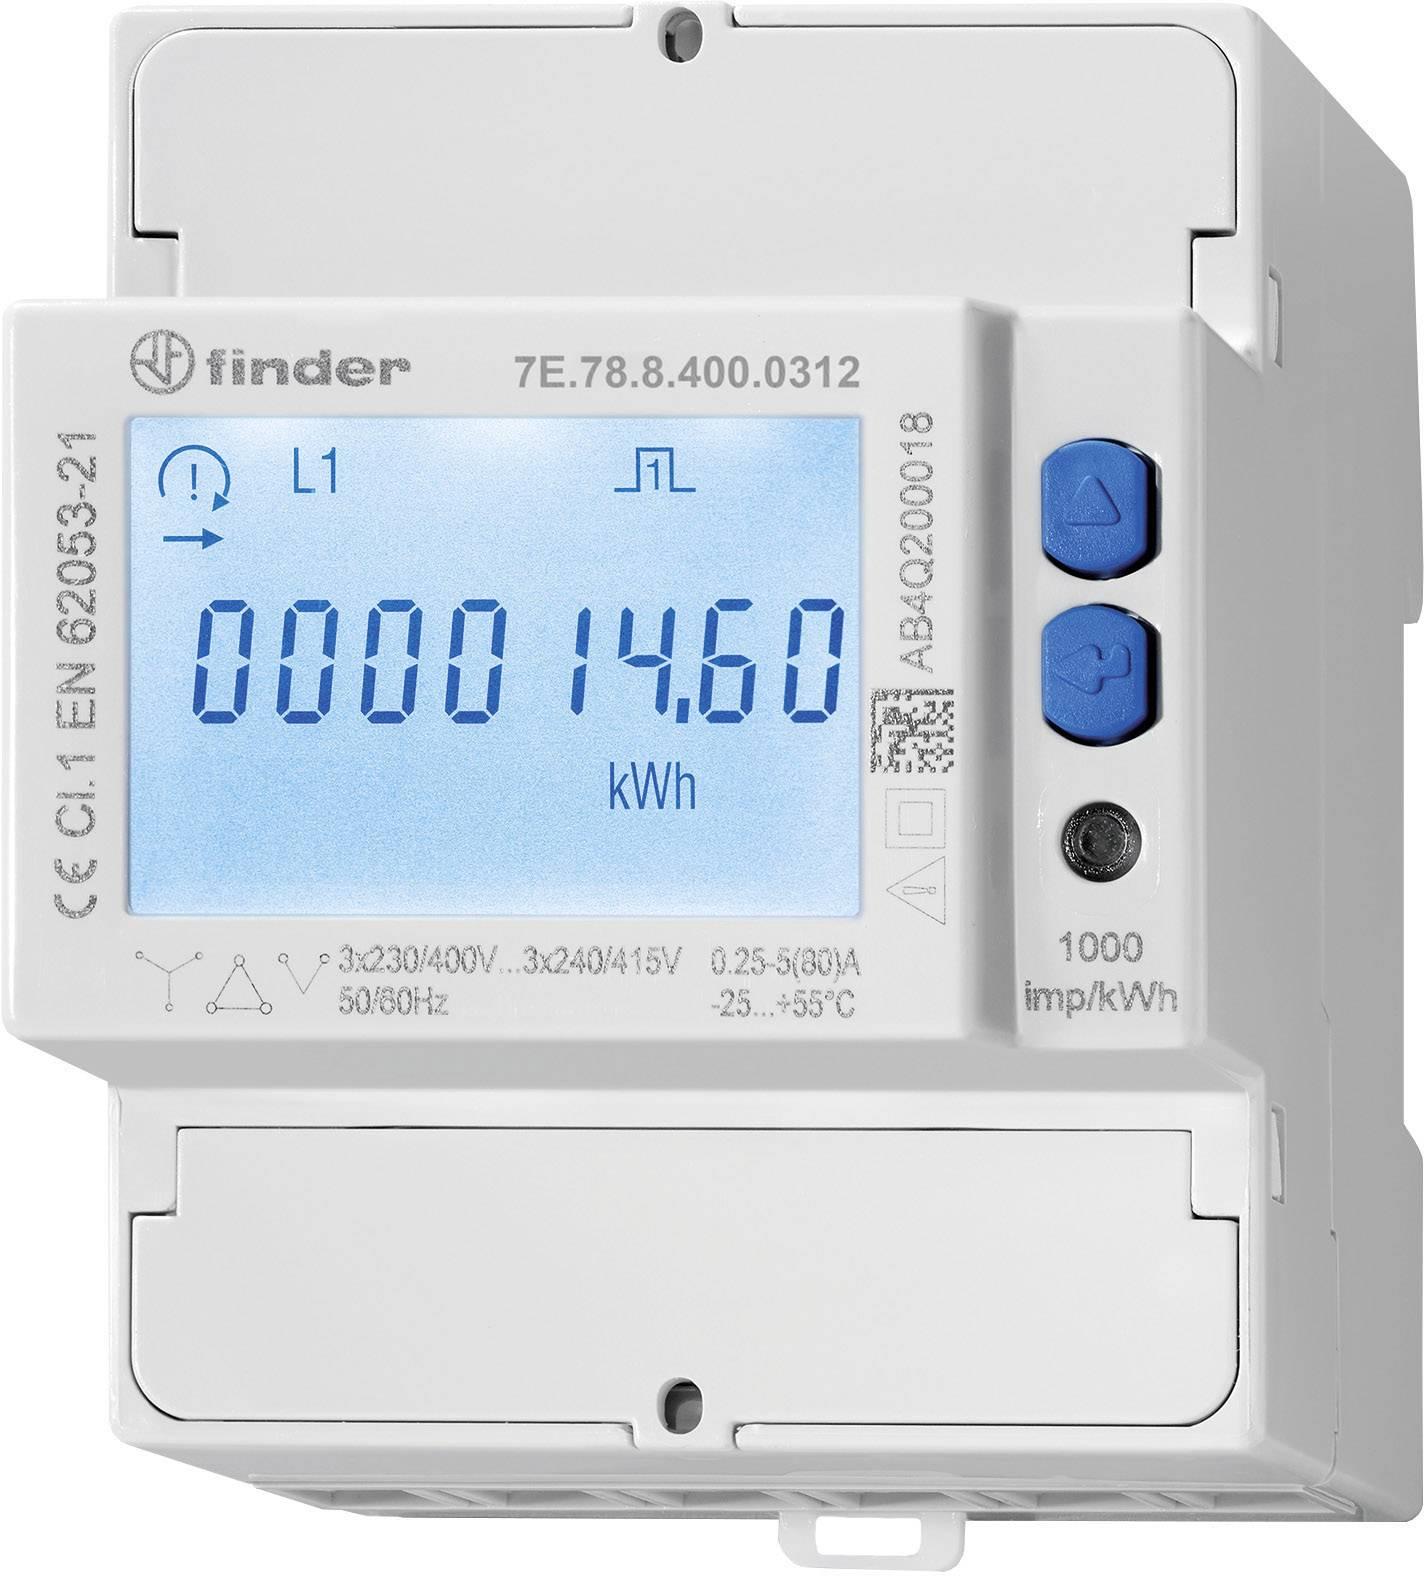 Třífázový elektroměr digitální Úředně schválený: Ano Finder 7E.78.8.400.0312